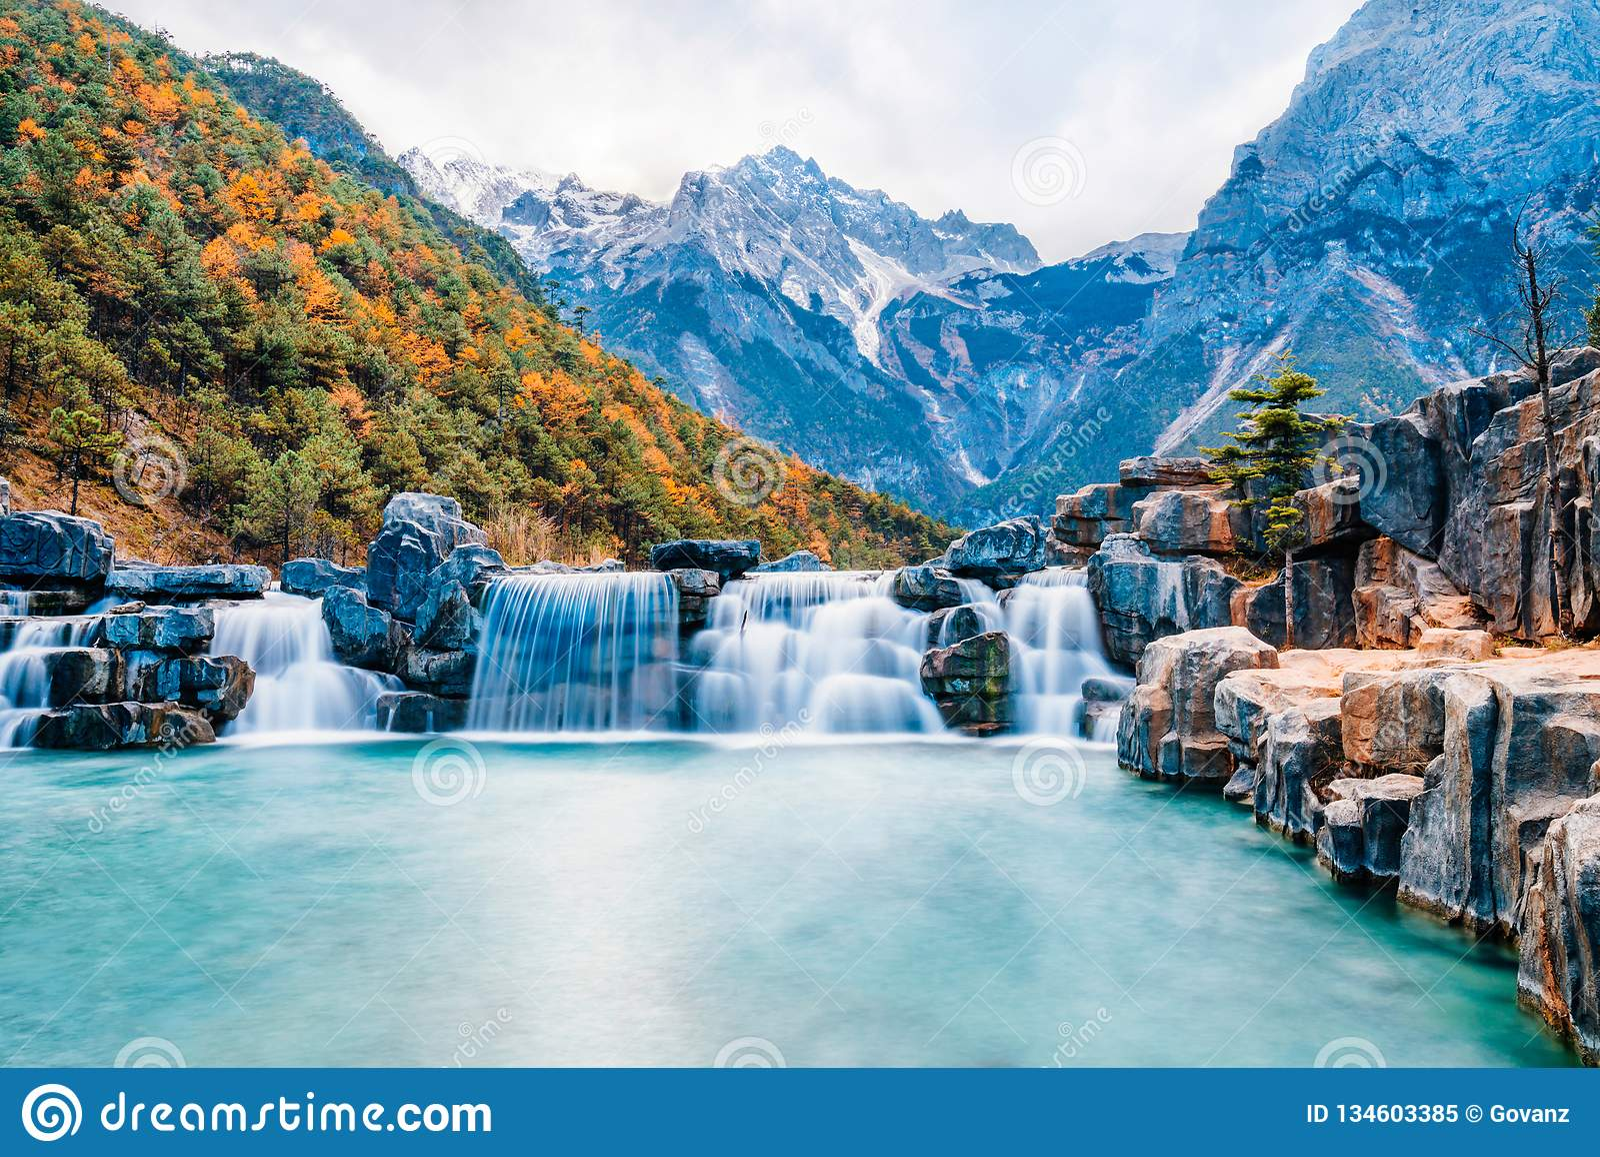 Krajobraz Błękitnej księżyc dolina w chabeta smoka Śnieżnej górze, Lijiang, Yunnan, Chiny